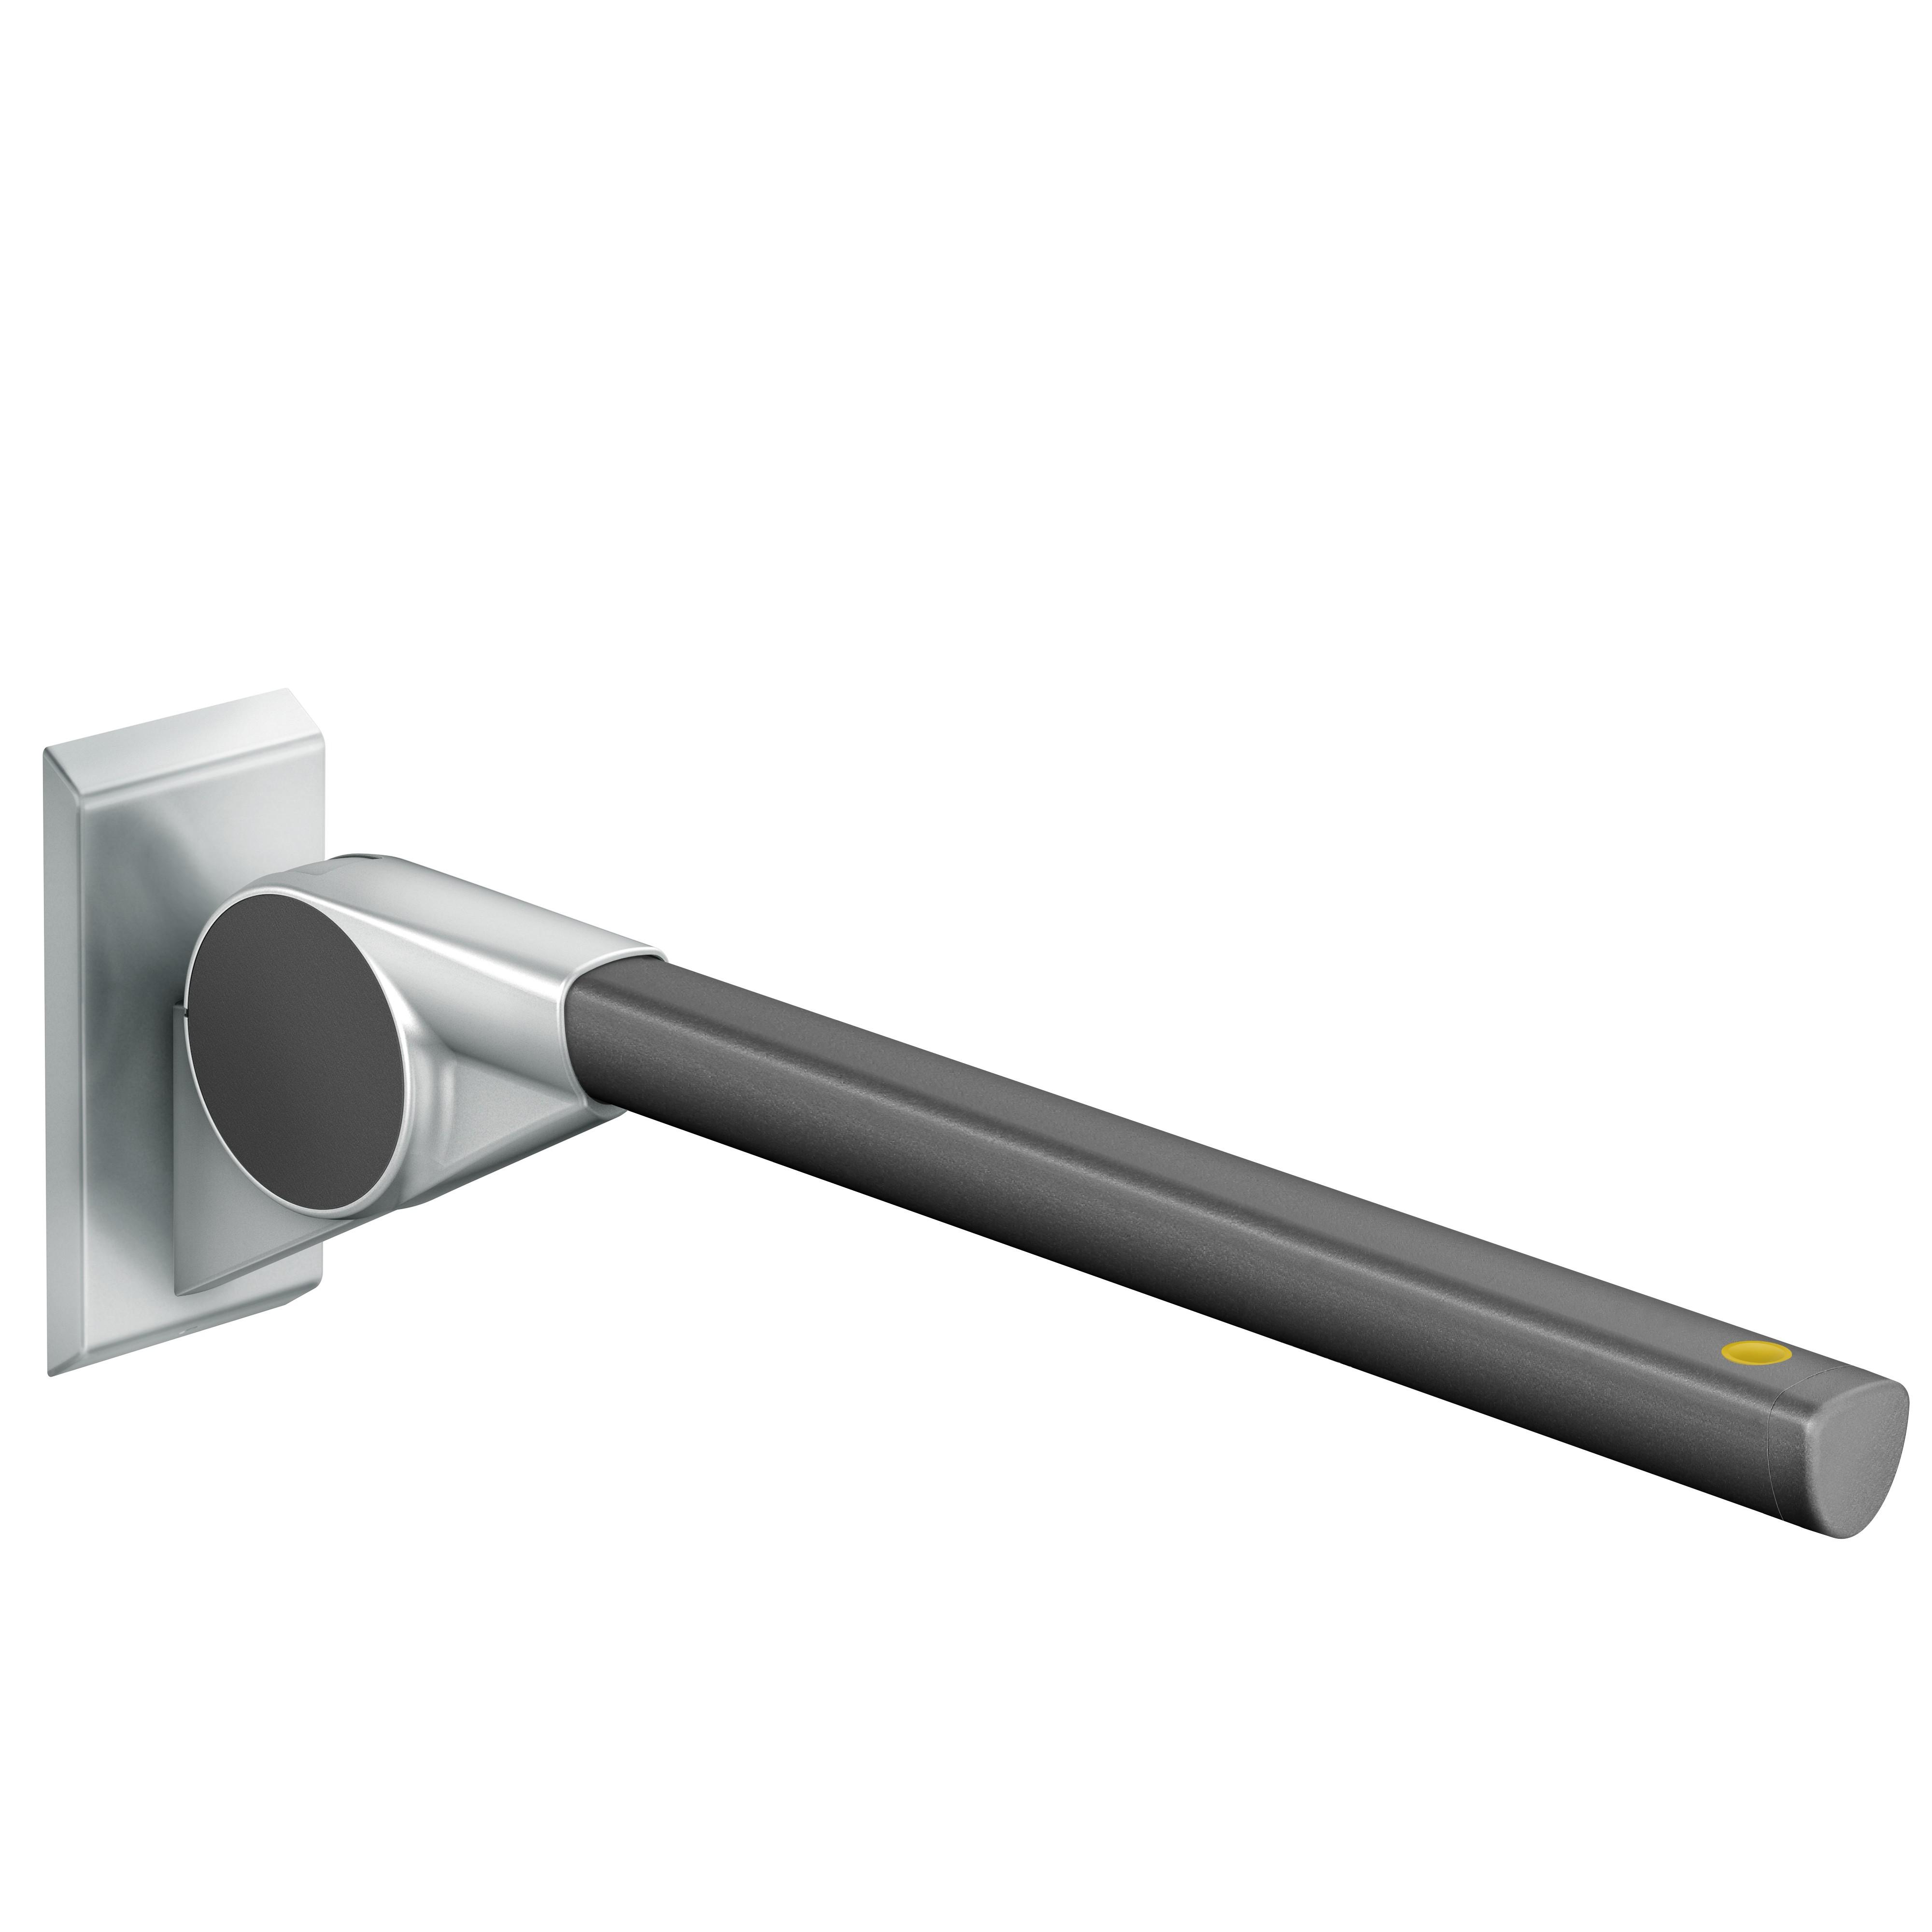 FSB Stützklappgriff 700 1 Taster A100 1 Taster gelb Anthrazitgrau metallinksc (0 82 8420 00170 8809)